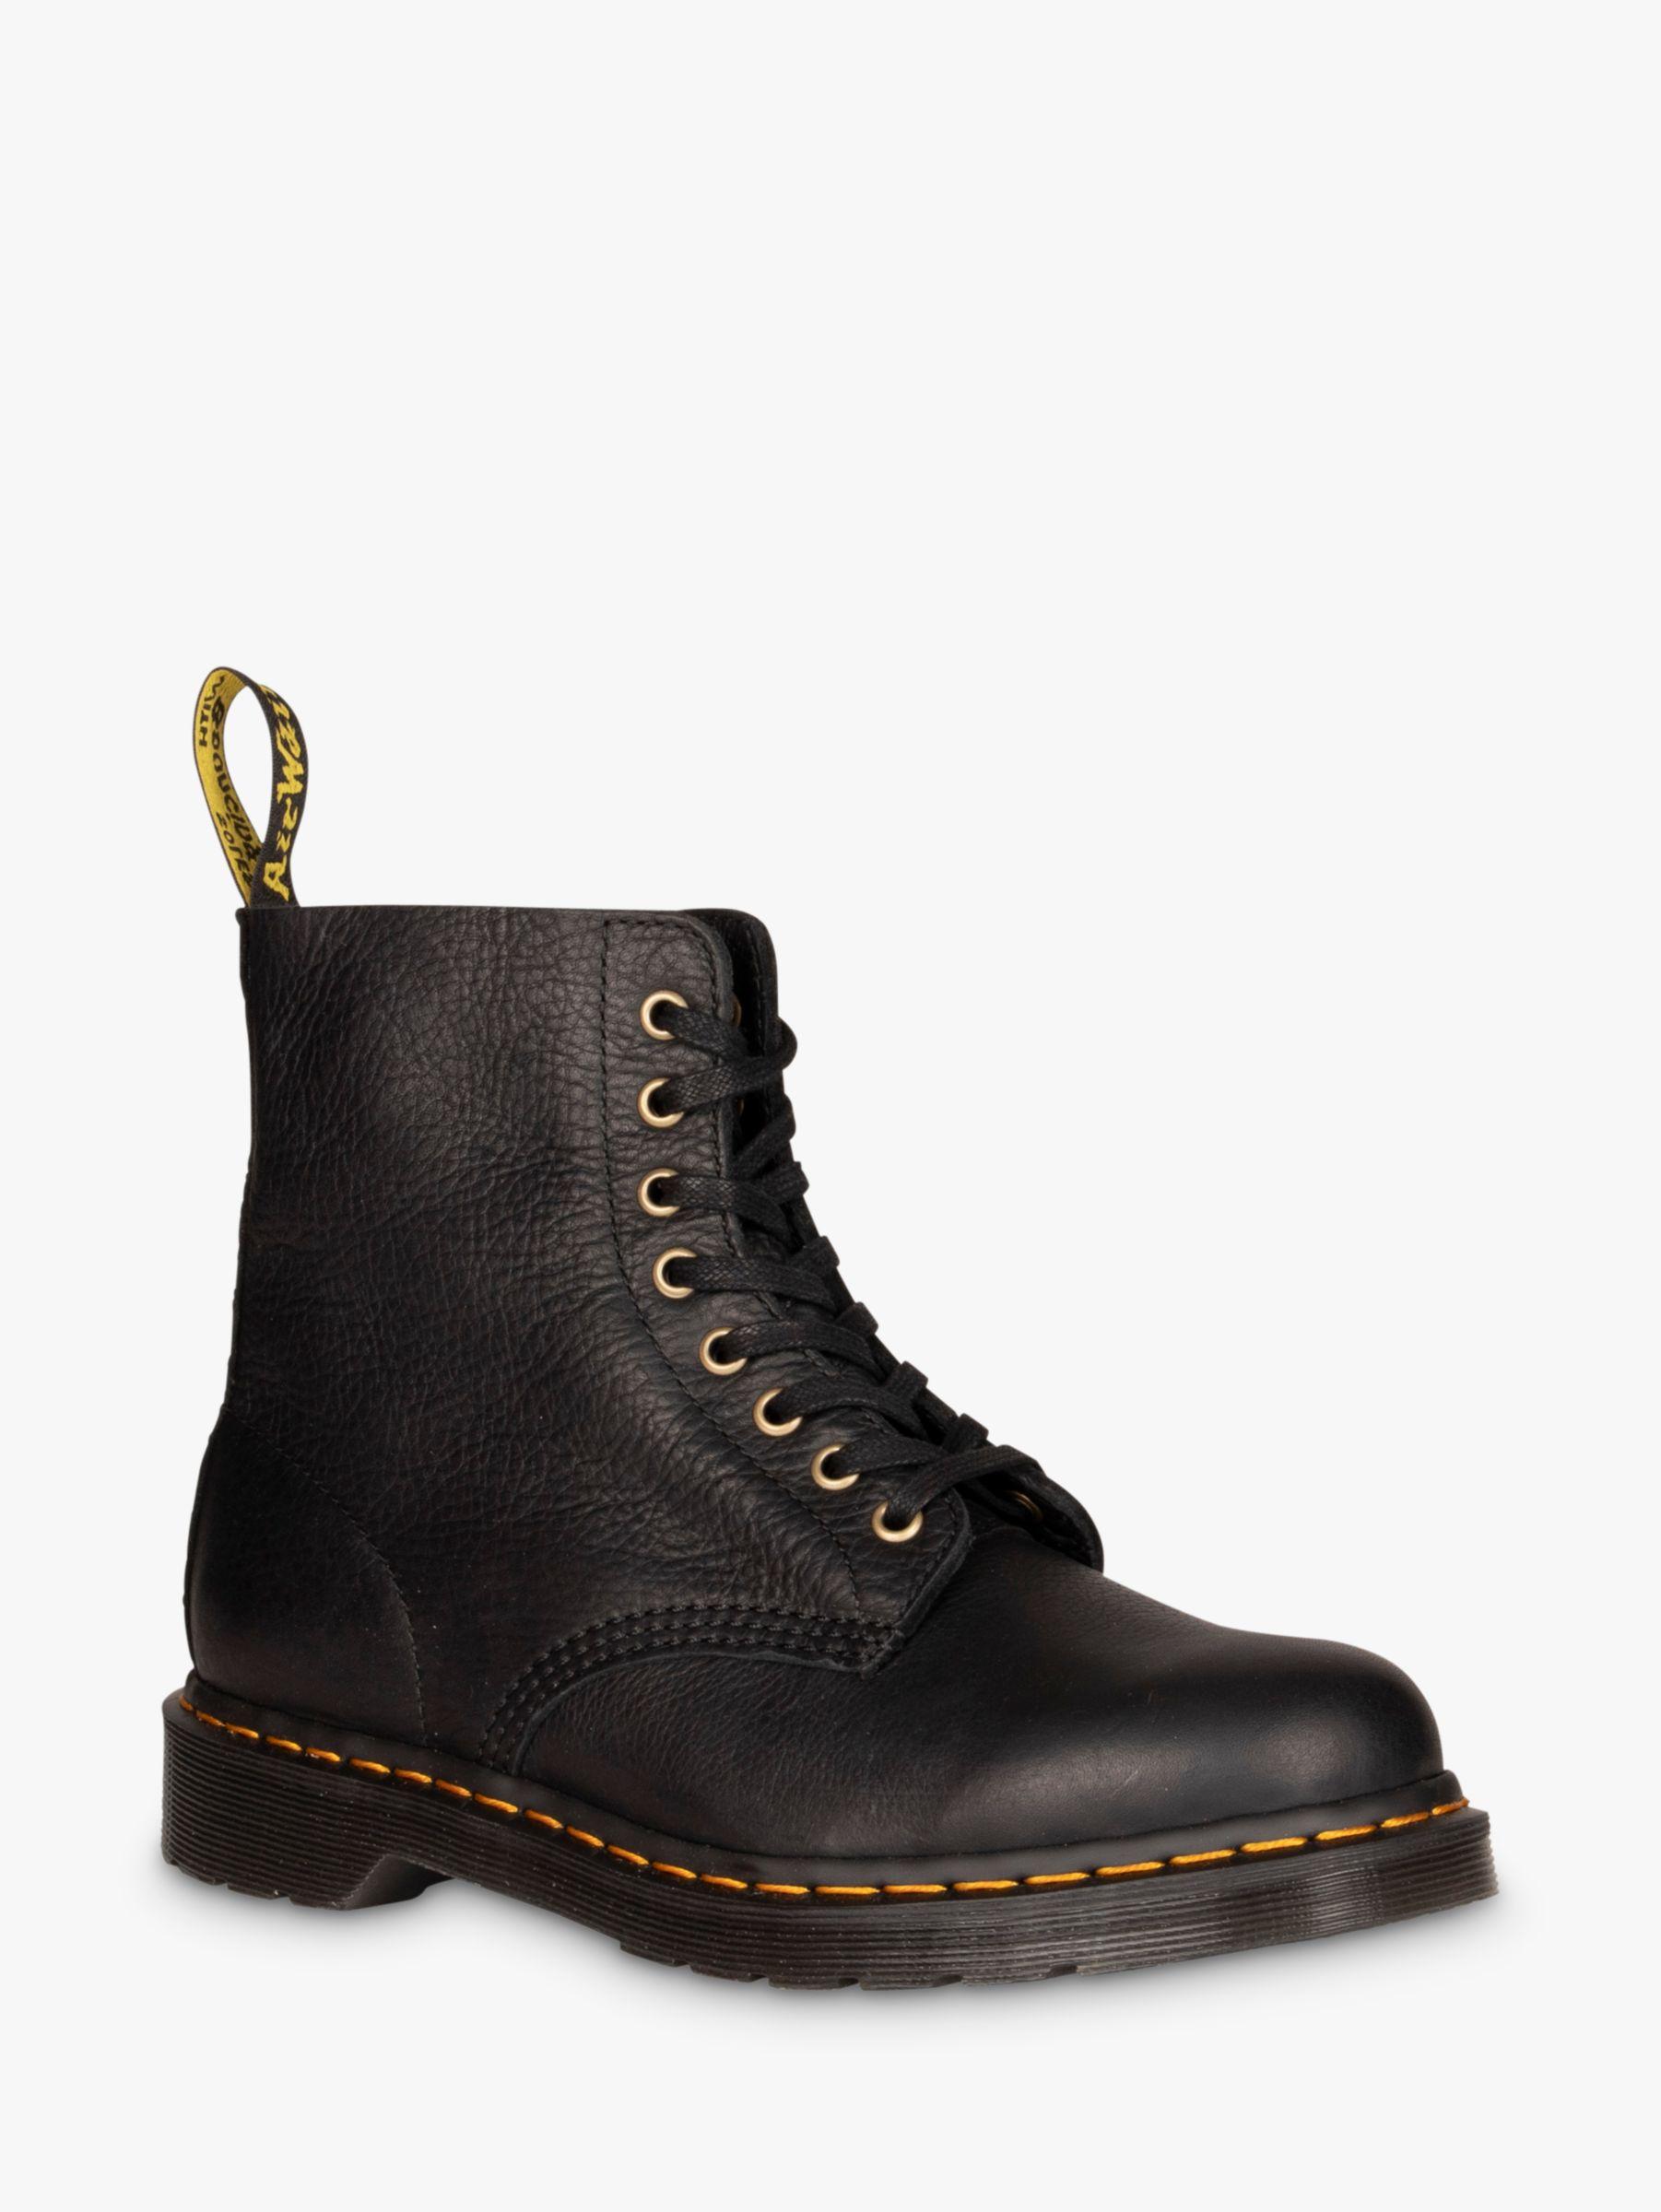 Dr Martens Dr Martens 1460 Pascal Leather Boots, Black Ambassador